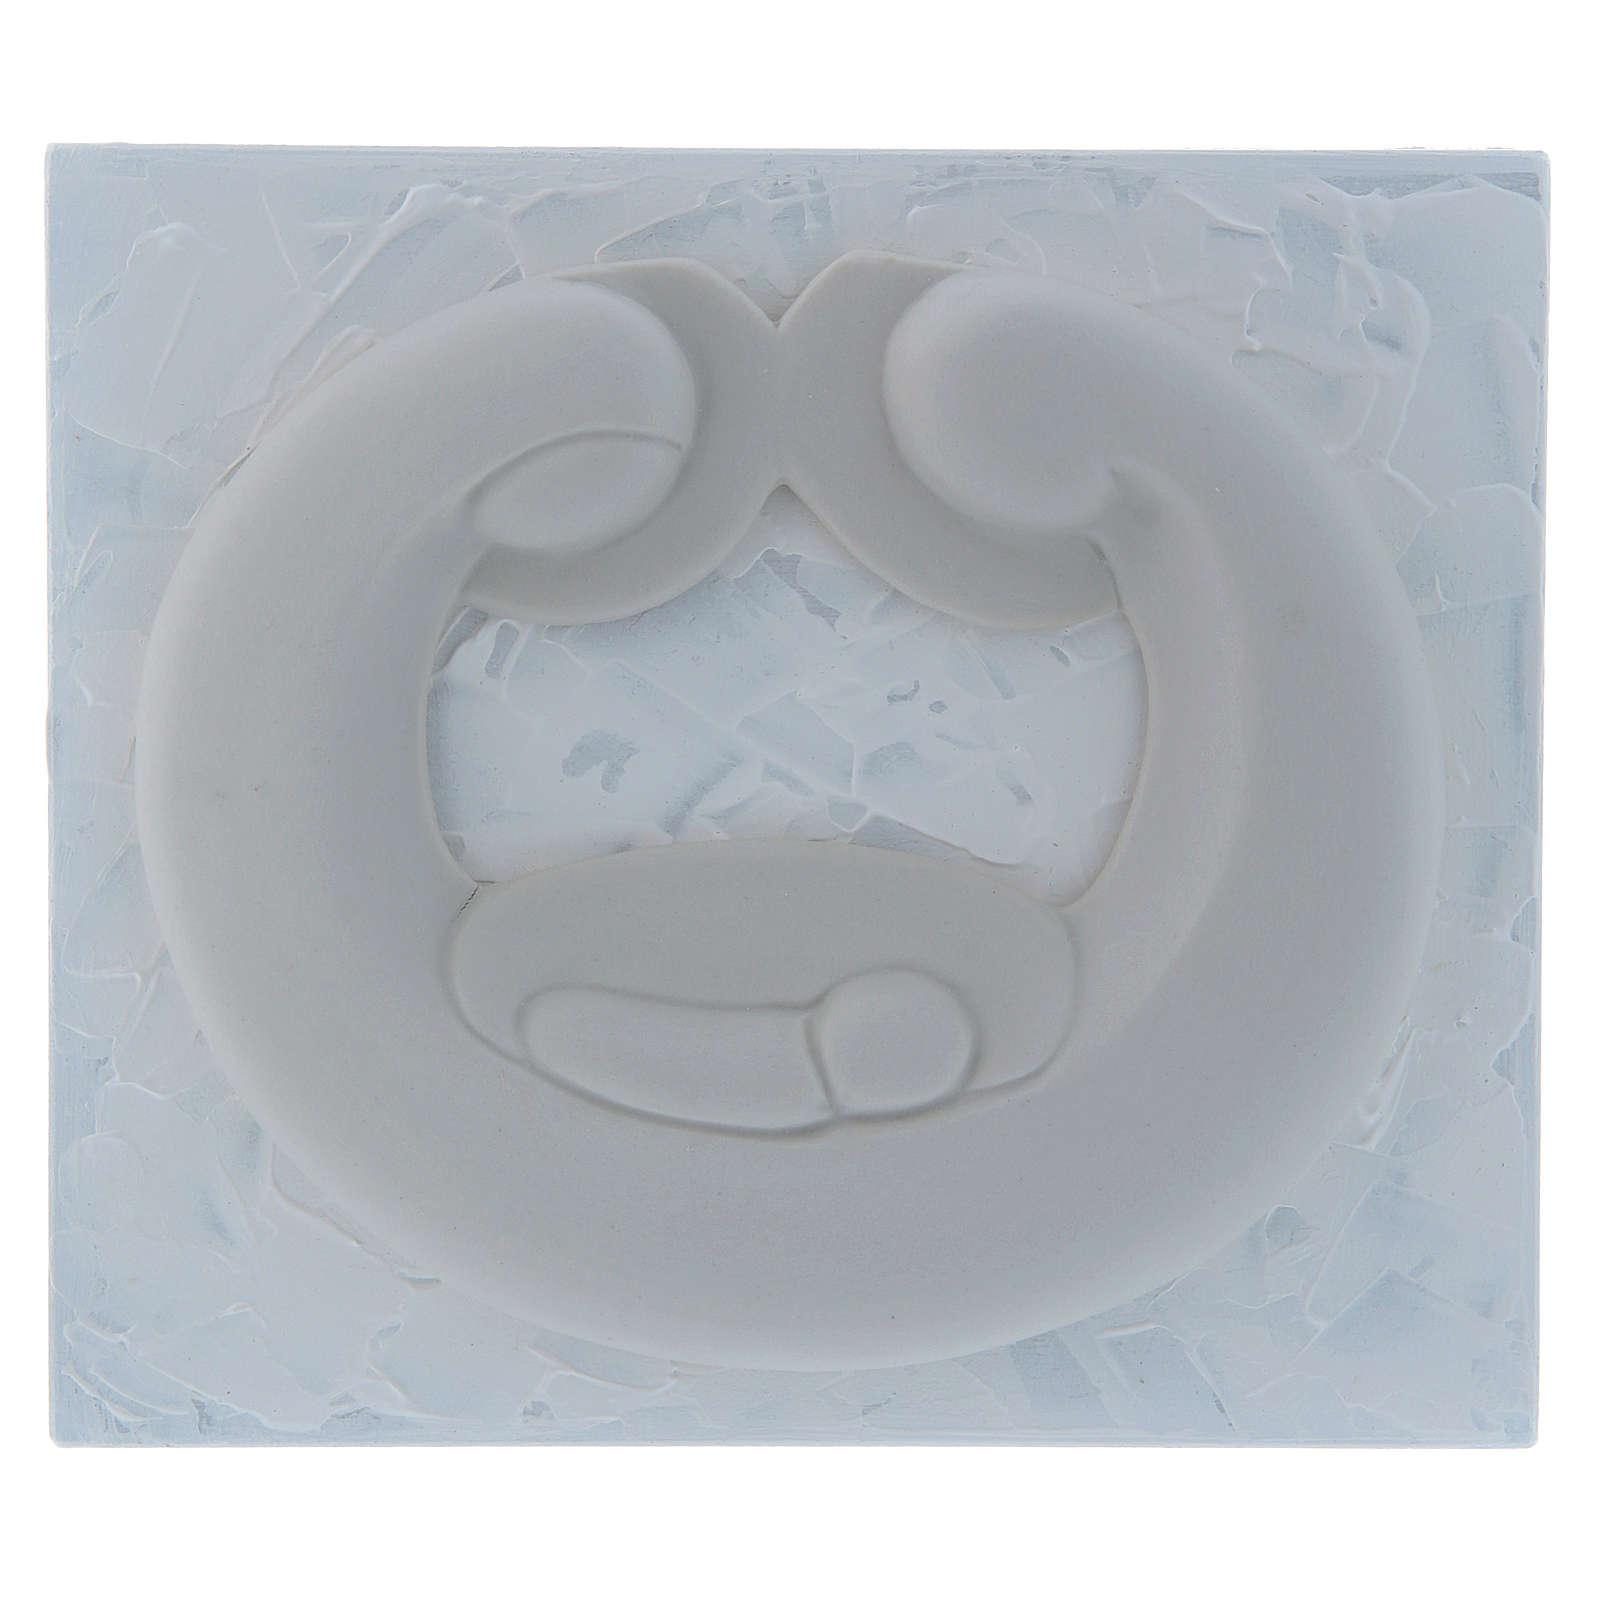 Bassorilievo in porcellana bianca Pinton Sacra Famiglia pannello bianco 15X17 cm 4